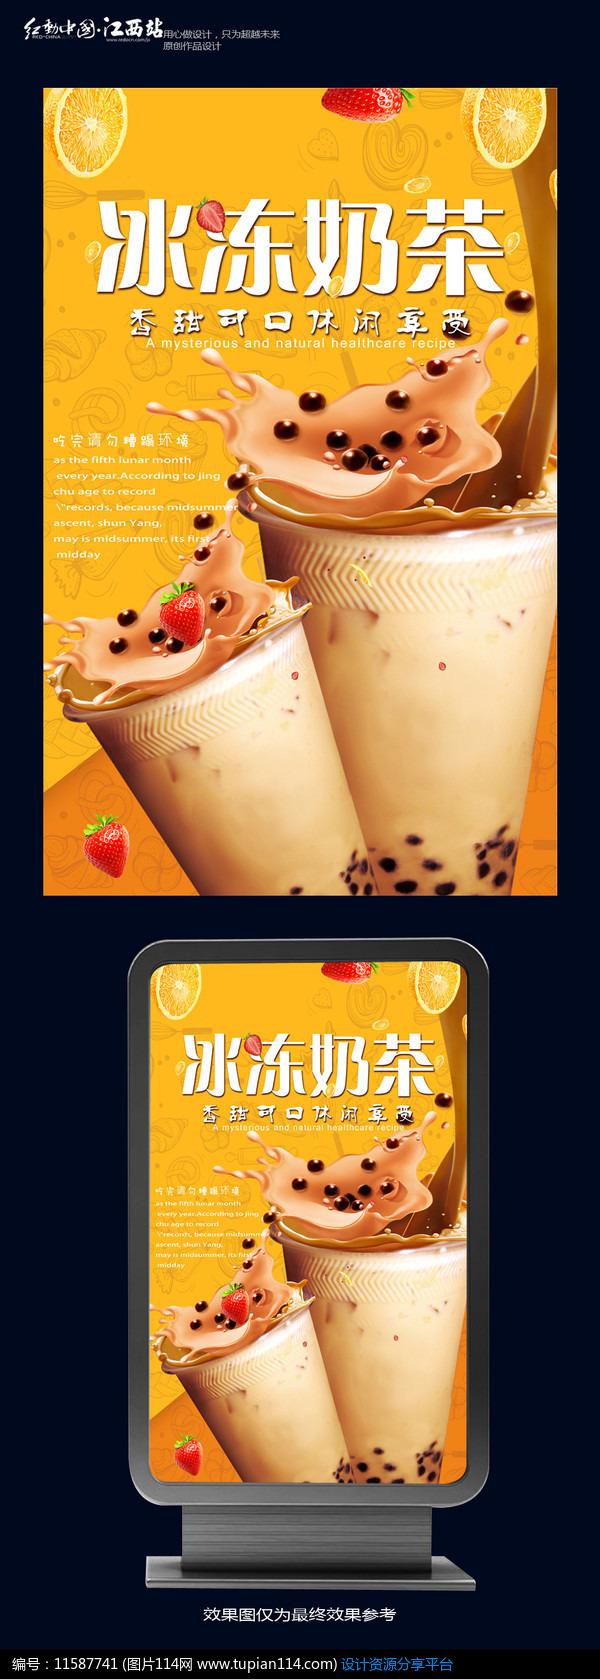 [原创] 创意奶茶促销海报设计